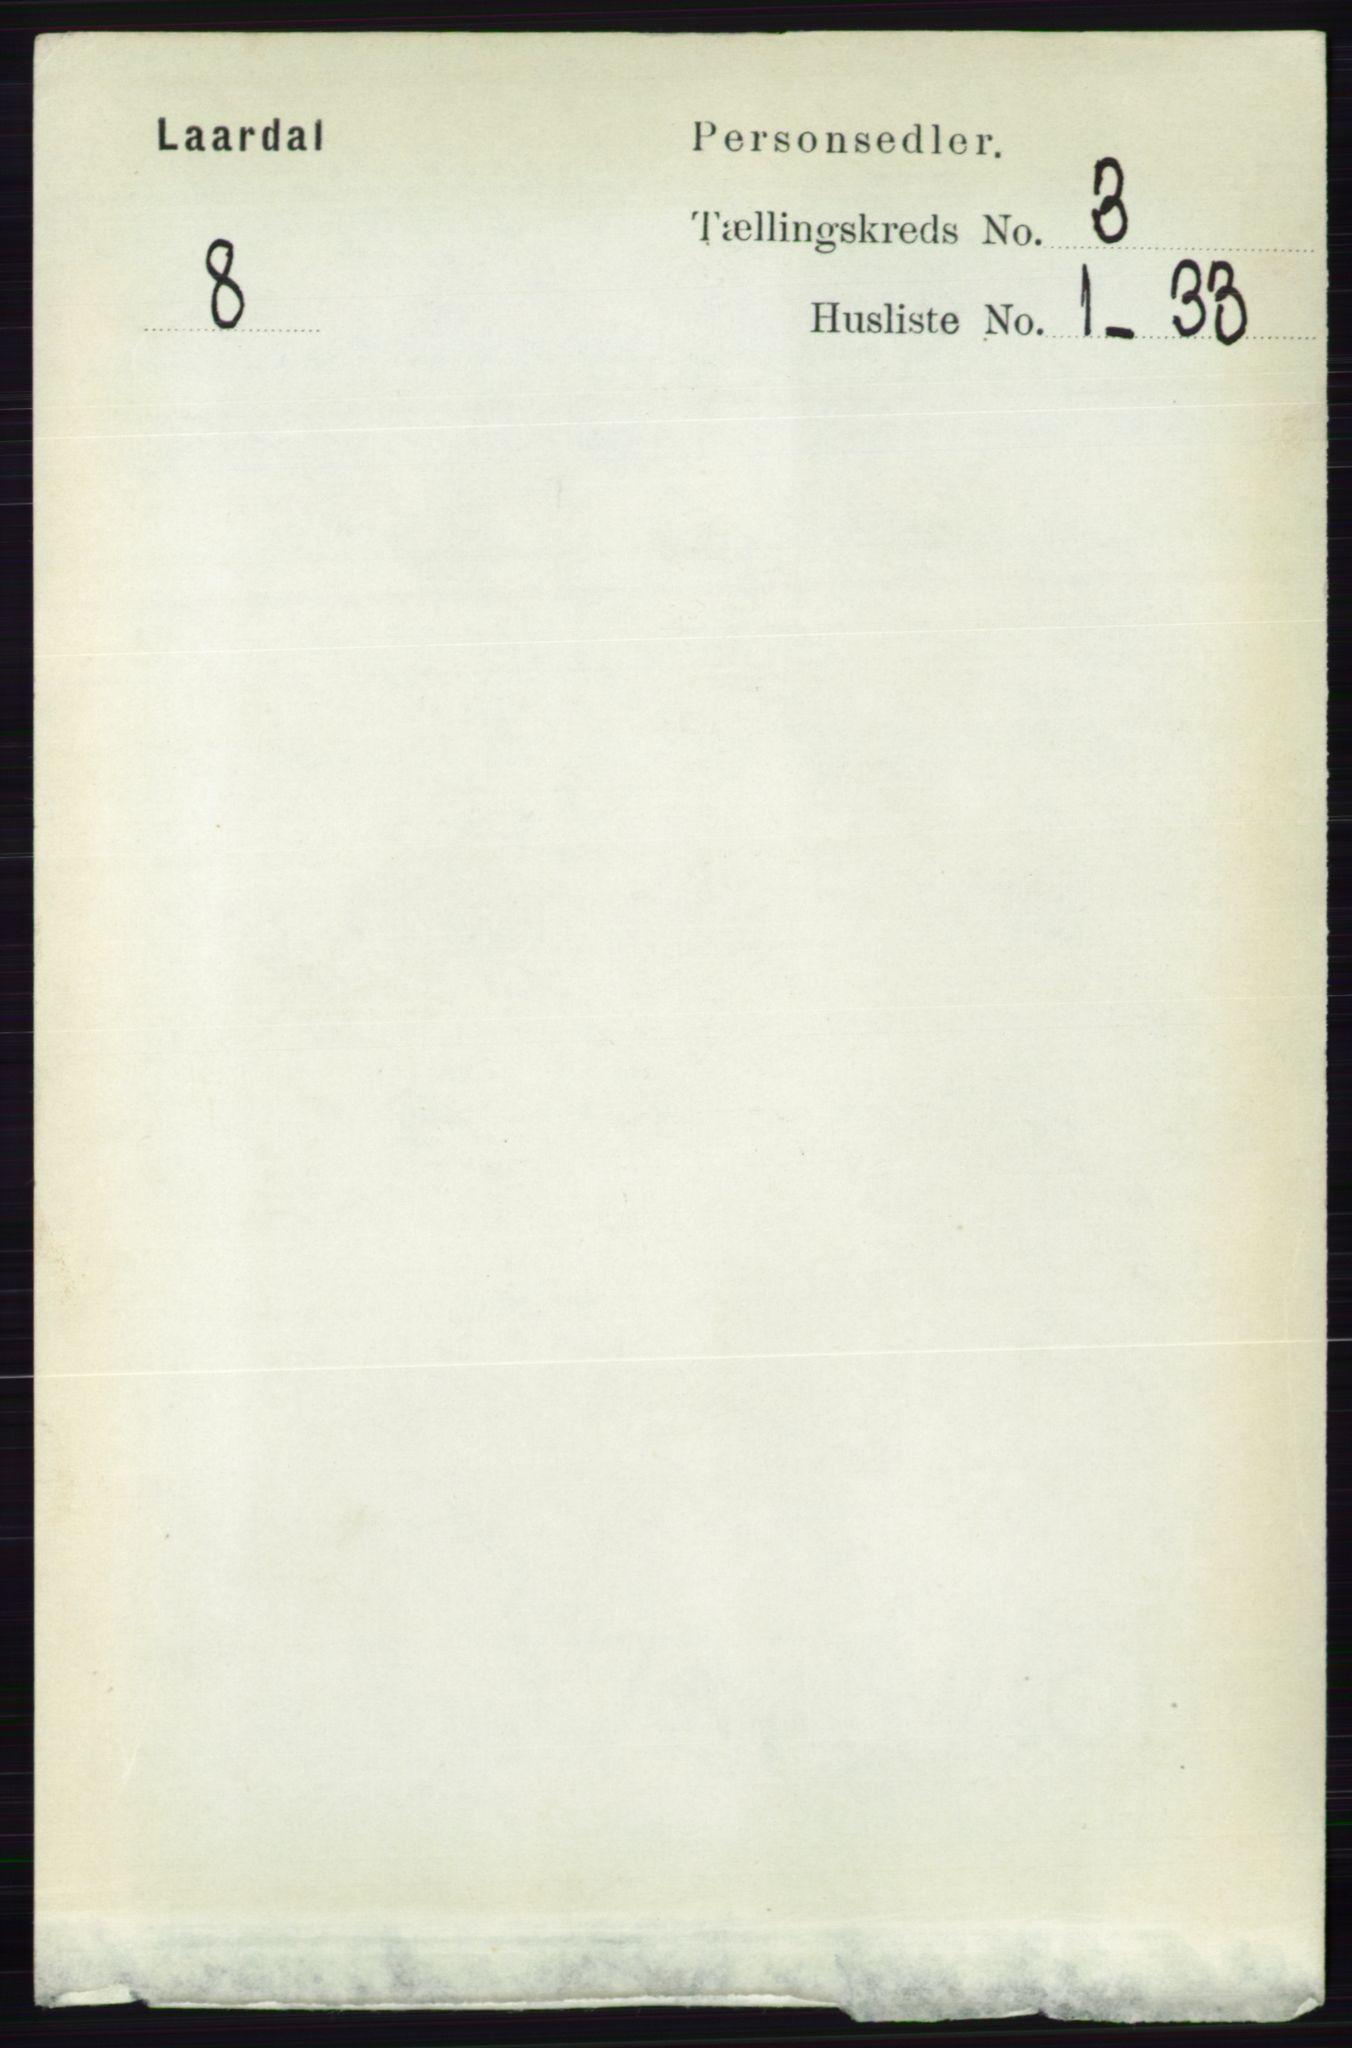 RA, Folketelling 1891 for 0833 Lårdal herred, 1891, s. 797